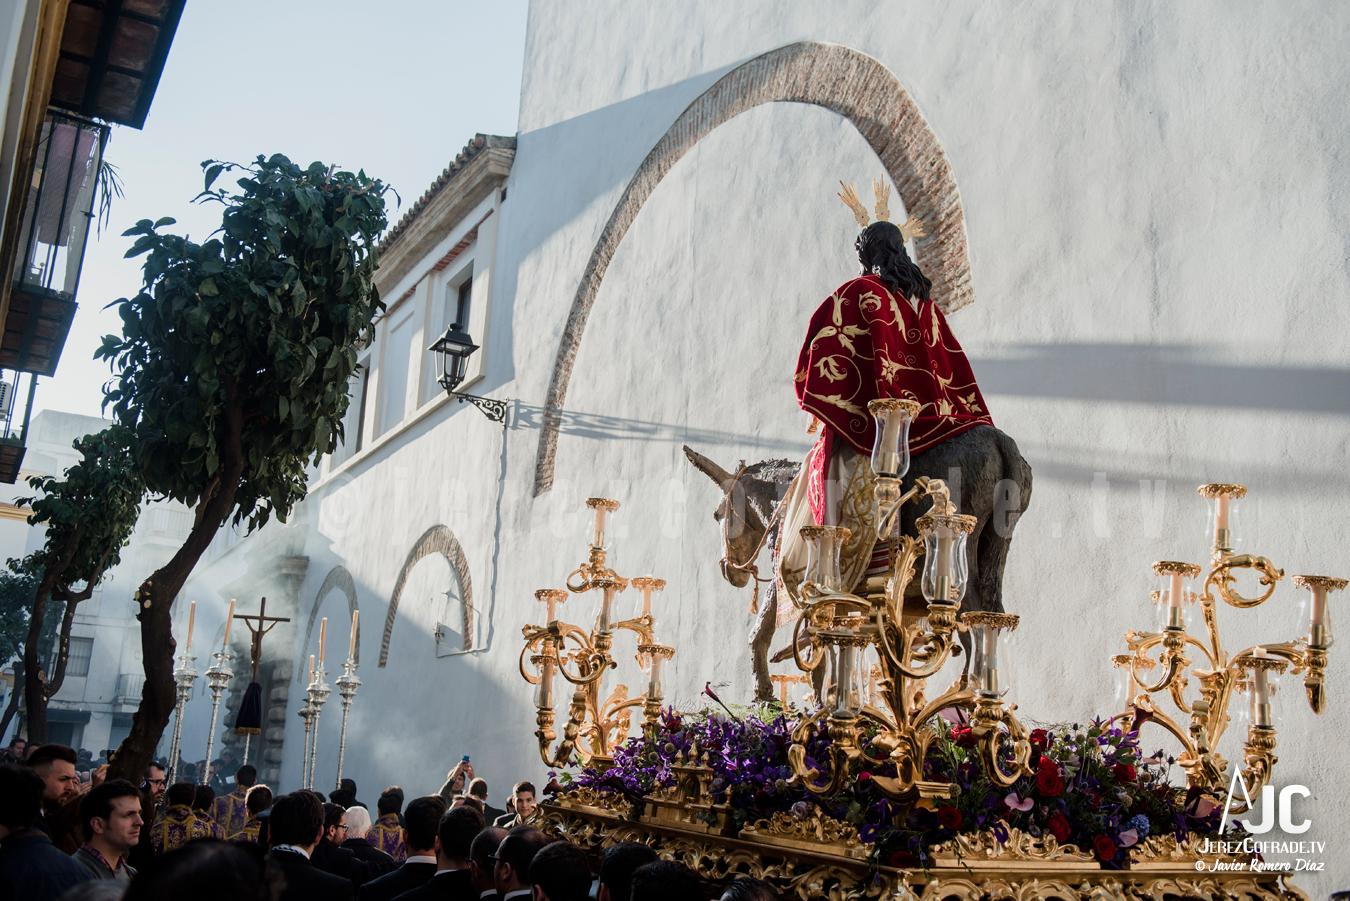 003- Via Crucis Union de Hermandades – Cristo Rey – Jerezcofrade